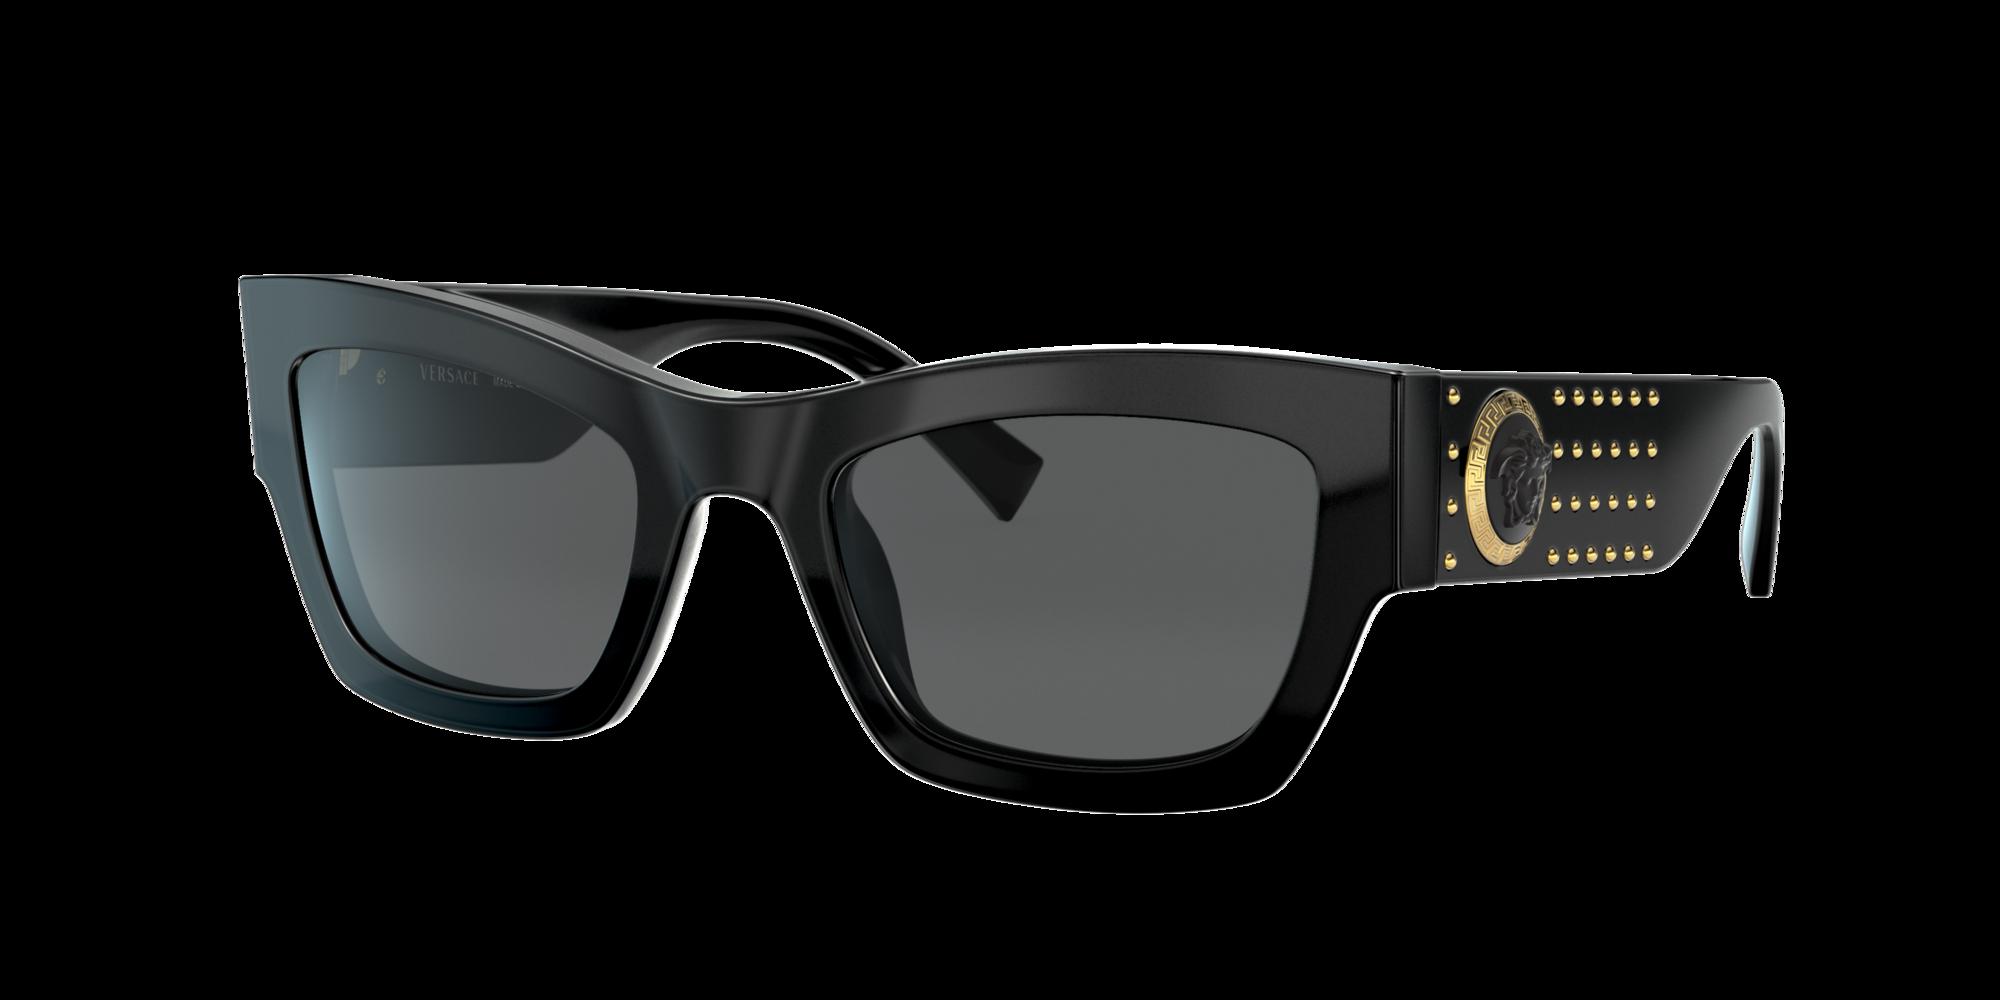 Versace Unisex  VE4358 -  Frame color: Negro, Lens color: Gris-Negro, Size 52-22/140